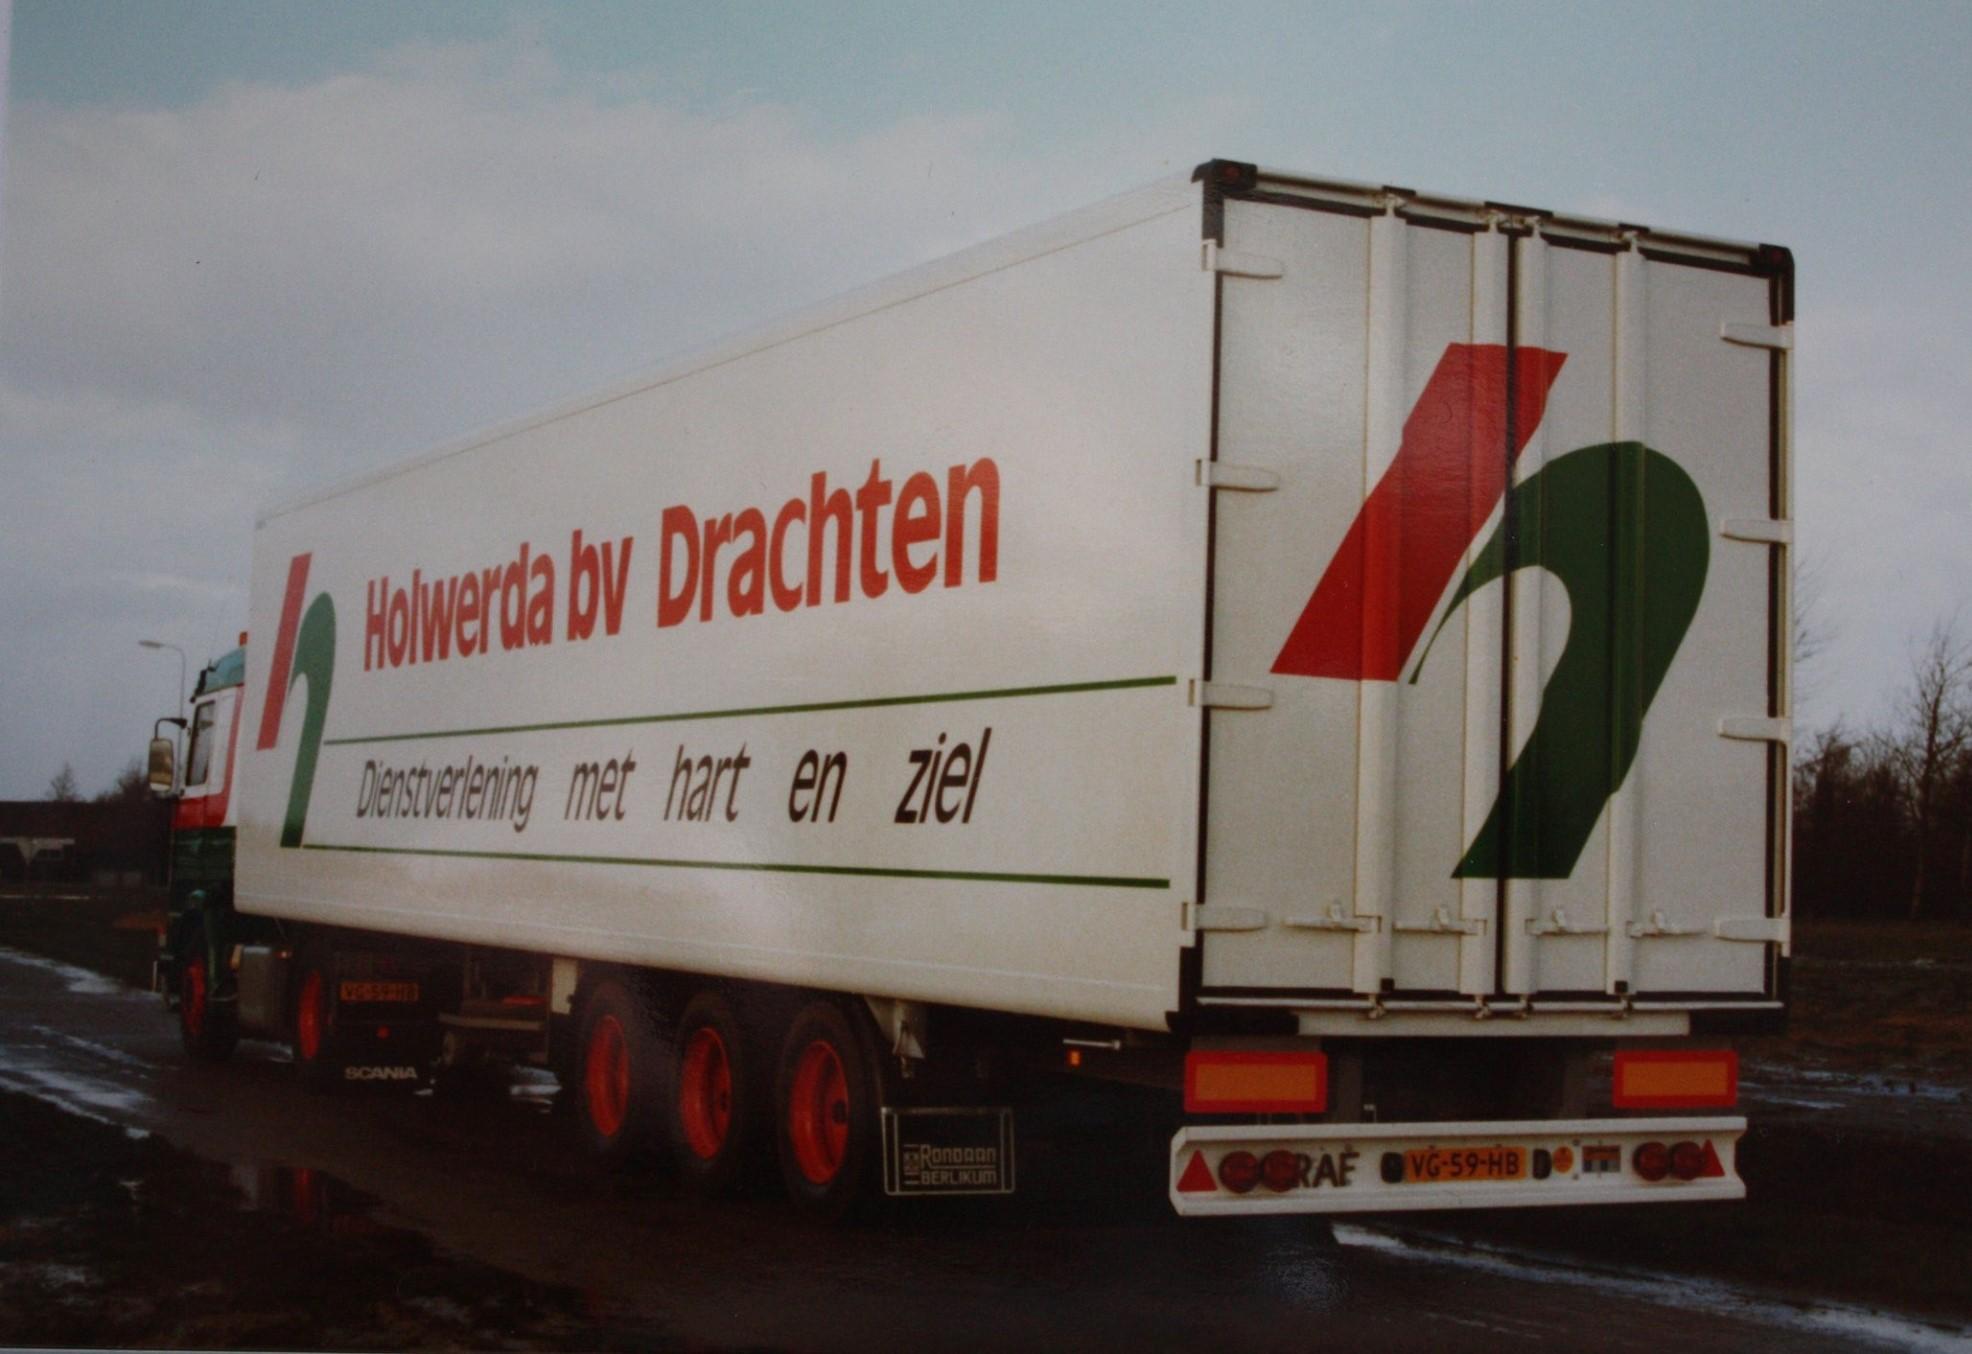 Rondaan-carr--RAF-Trailers-en-Trucks-en-RAF-aanhangwagens-die-door-Rondaan-in-Beetgum-gebouwd-zijn-ook-voor-Holwerda-in-Drachten-6